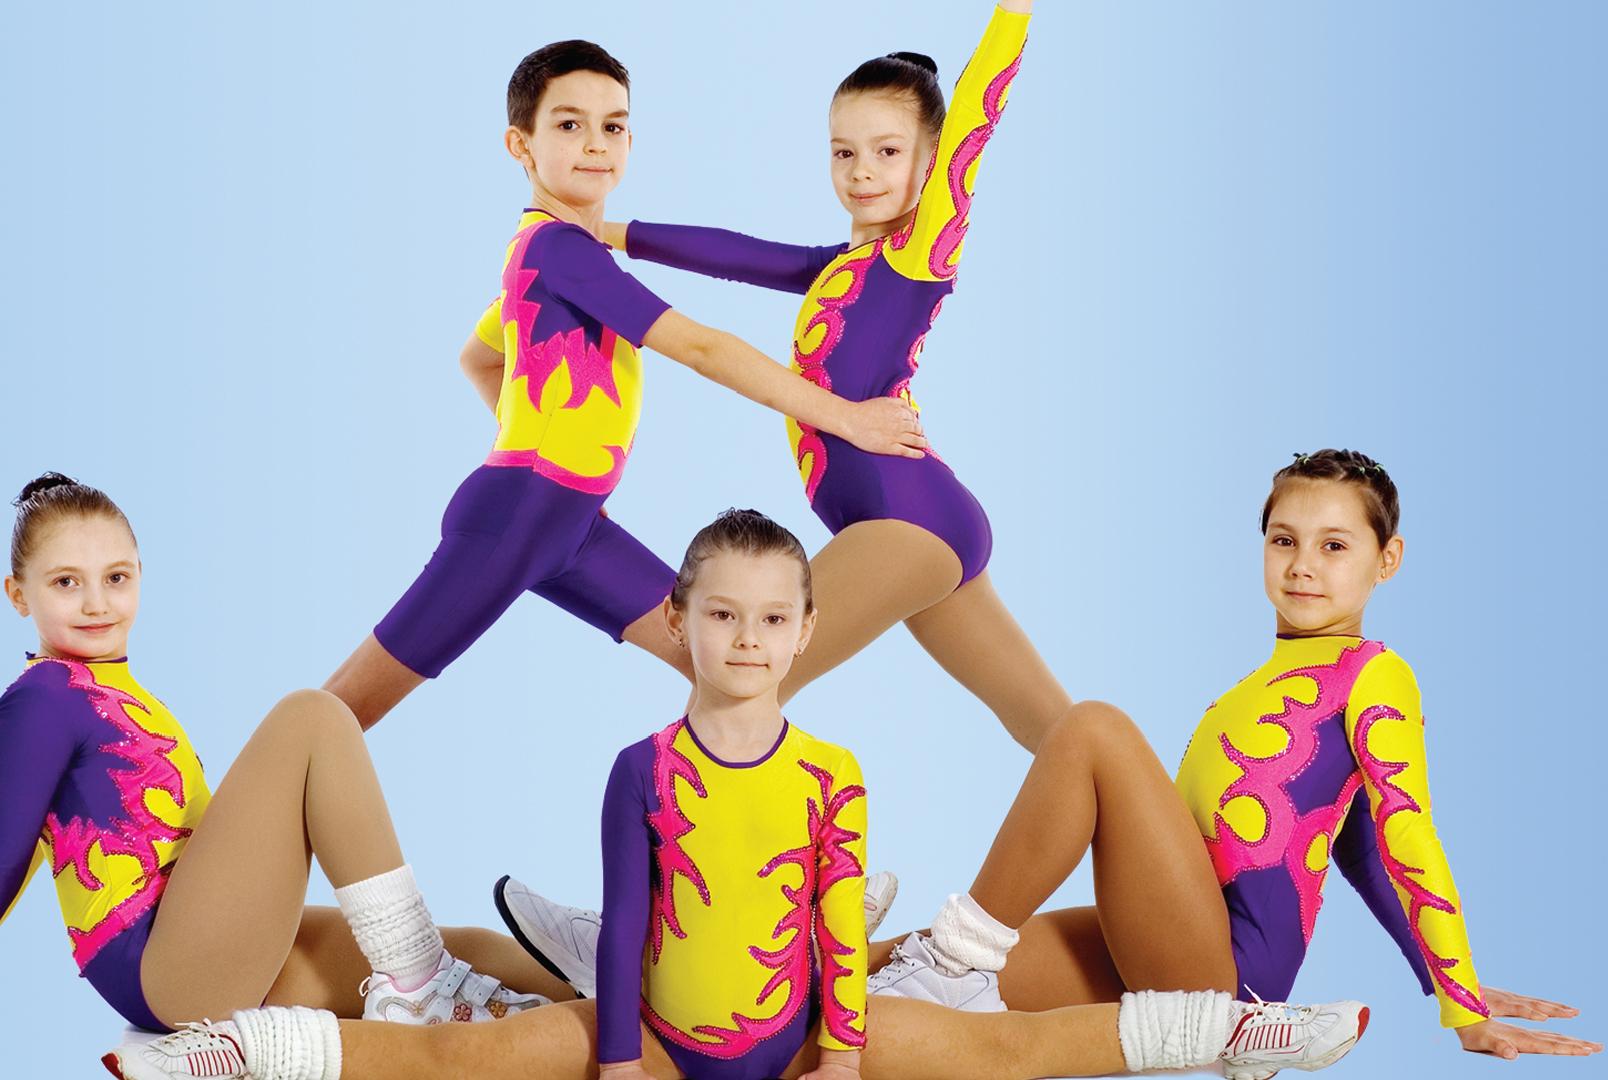 Tất tần tật những điều ba mẹ cần biết về bộ môn Aerobic cho bé - hình ảnh 2